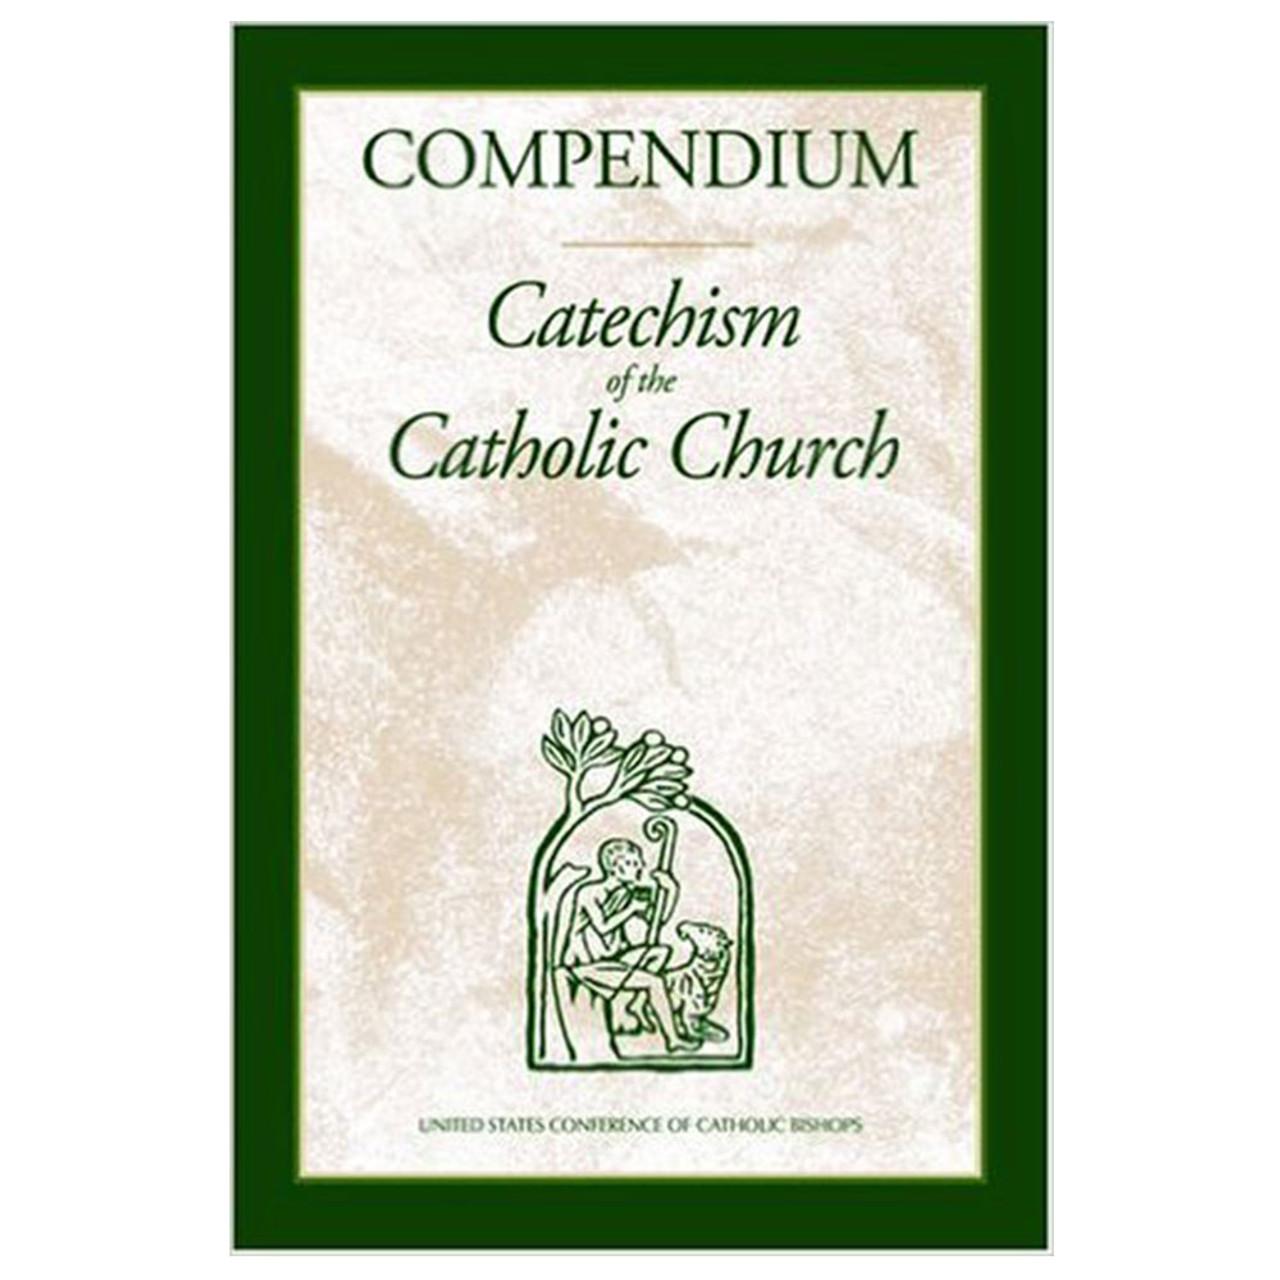 Compendium - Catechism of the Catholic Church